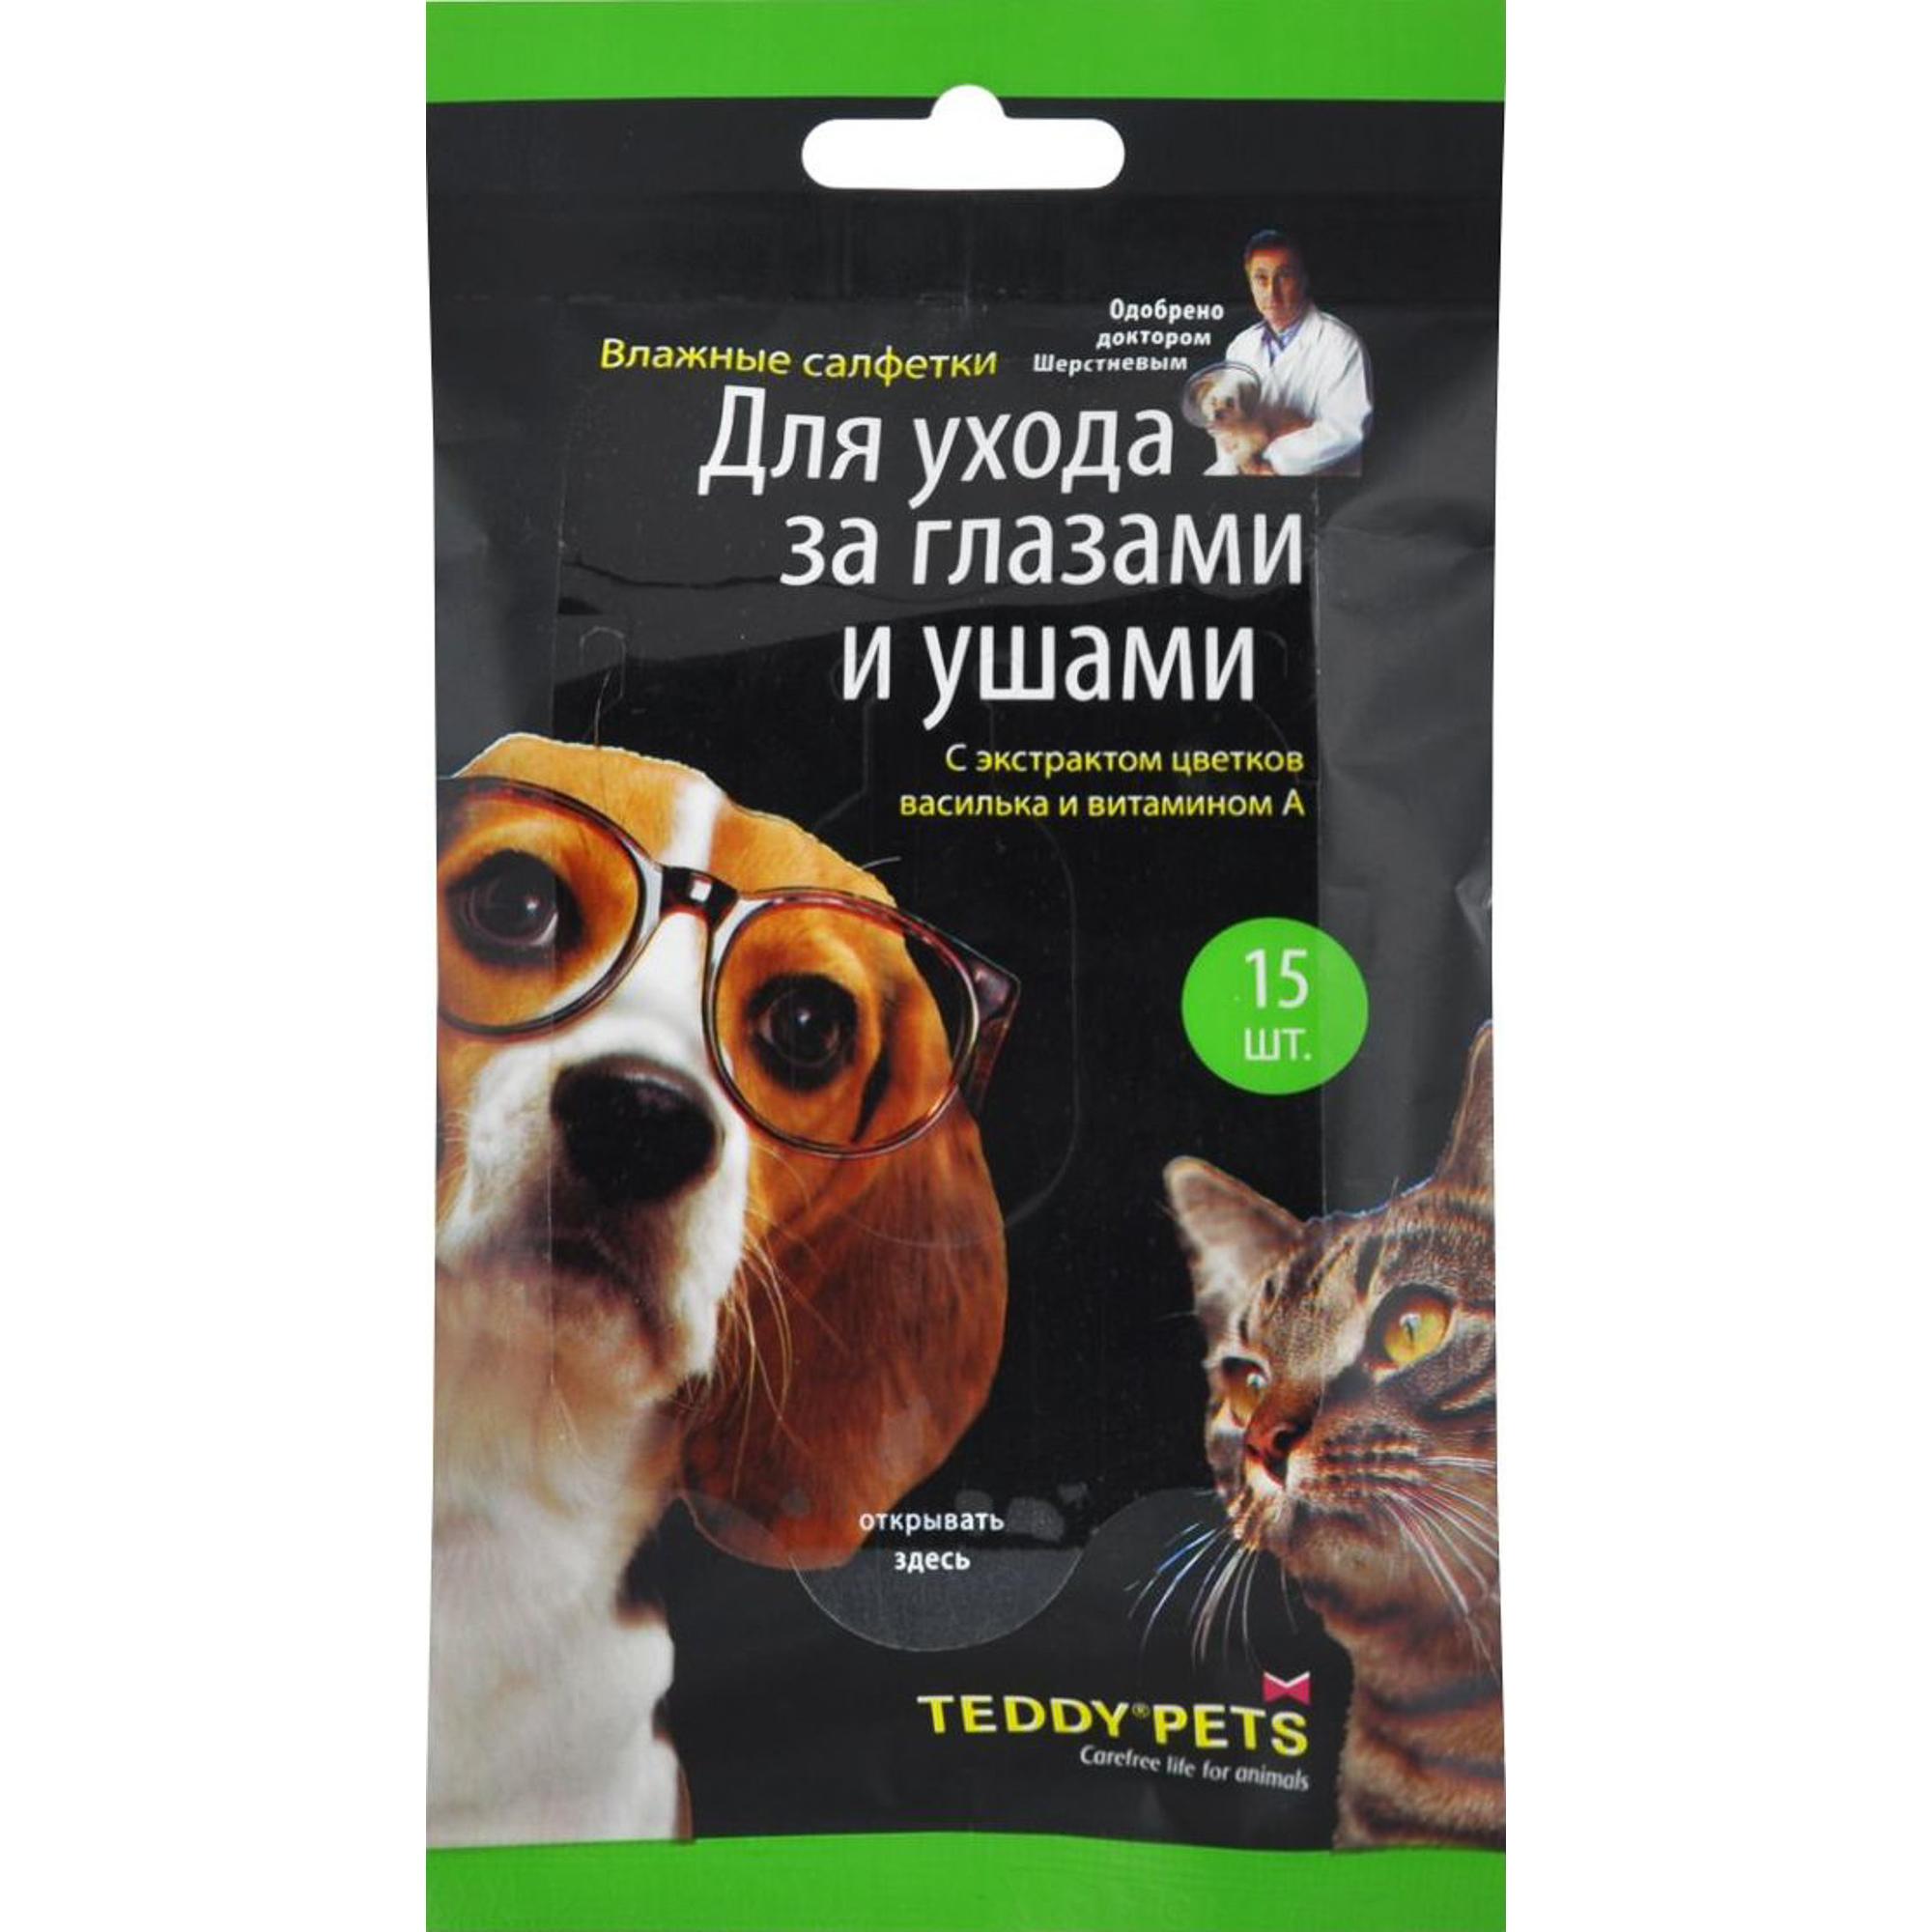 Салфетки для кошек и собак TEDDY PETS Для ухода за глазами и ушами 15 шт салфетки teddy pets влажные для ухода за глазами и ушами для кошек и собак